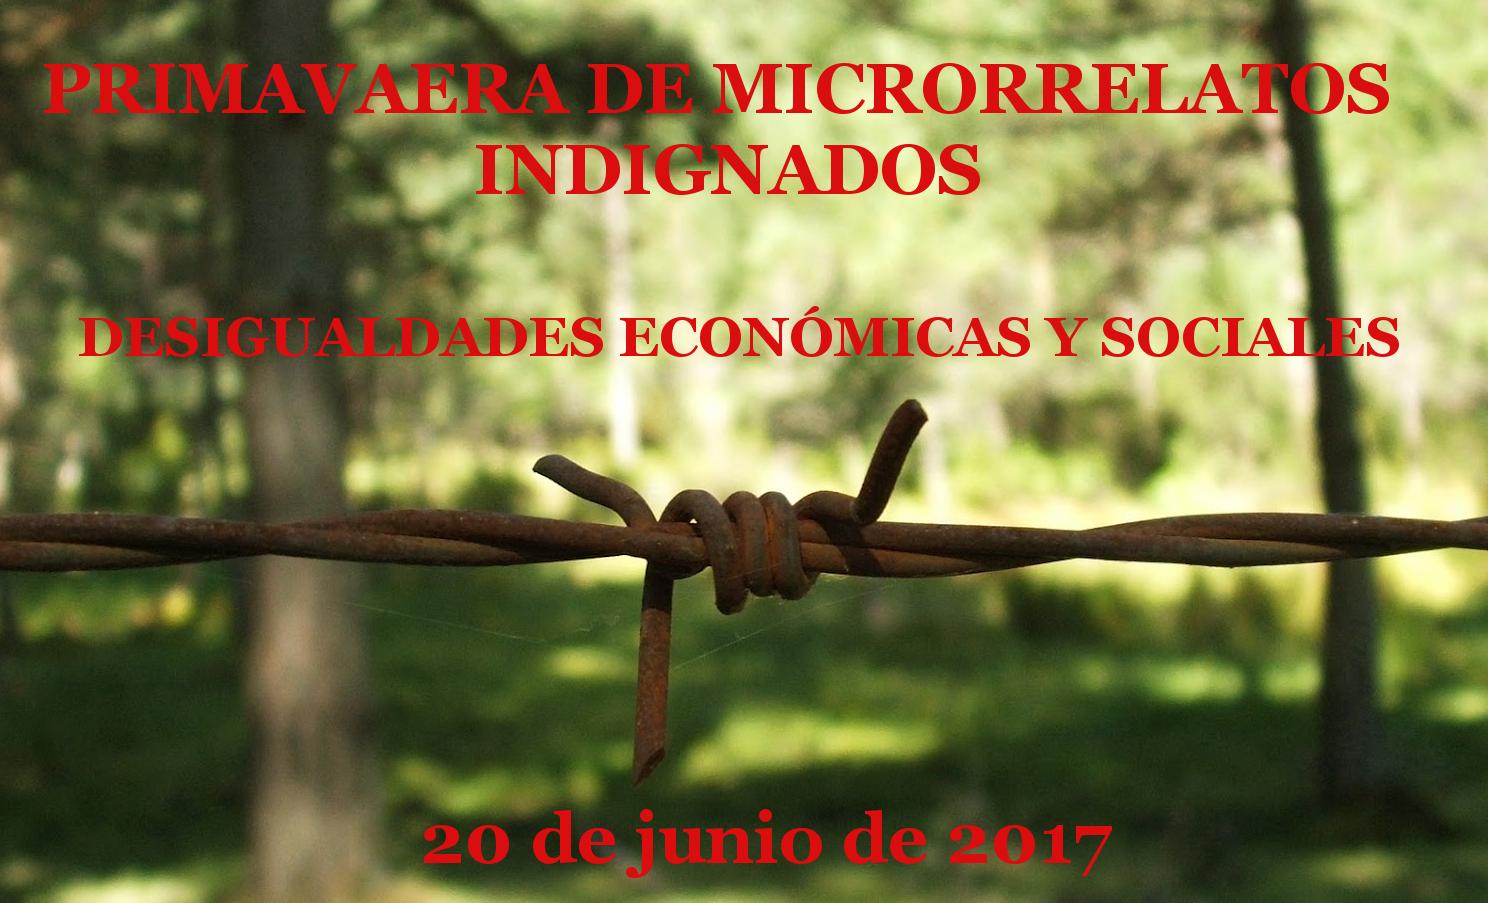 PMI 2017: Desigualdades sociales y económicas